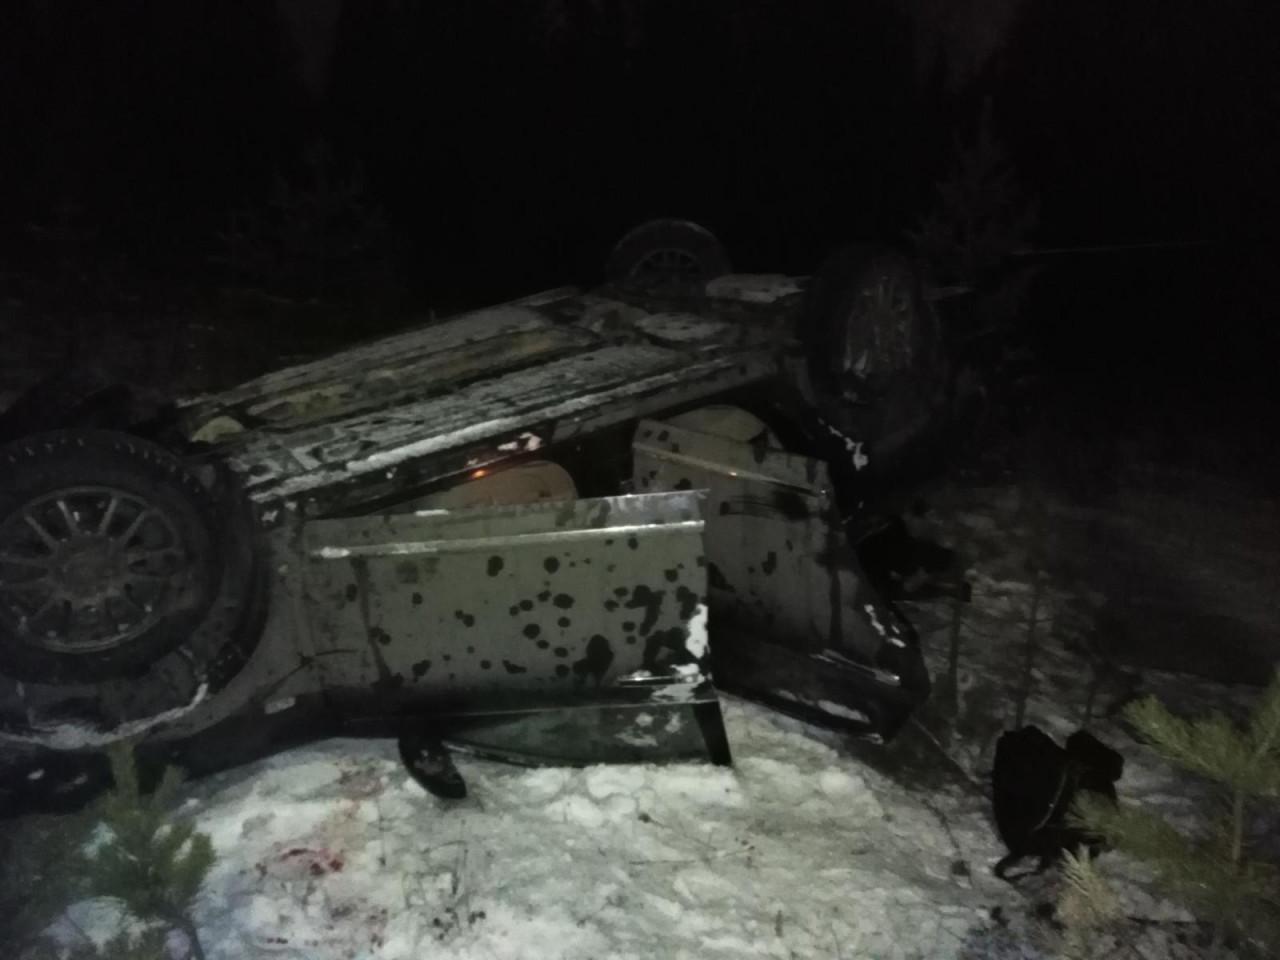 В Алдане ночью опрокинулся автомобиль. Есть пострадавшие